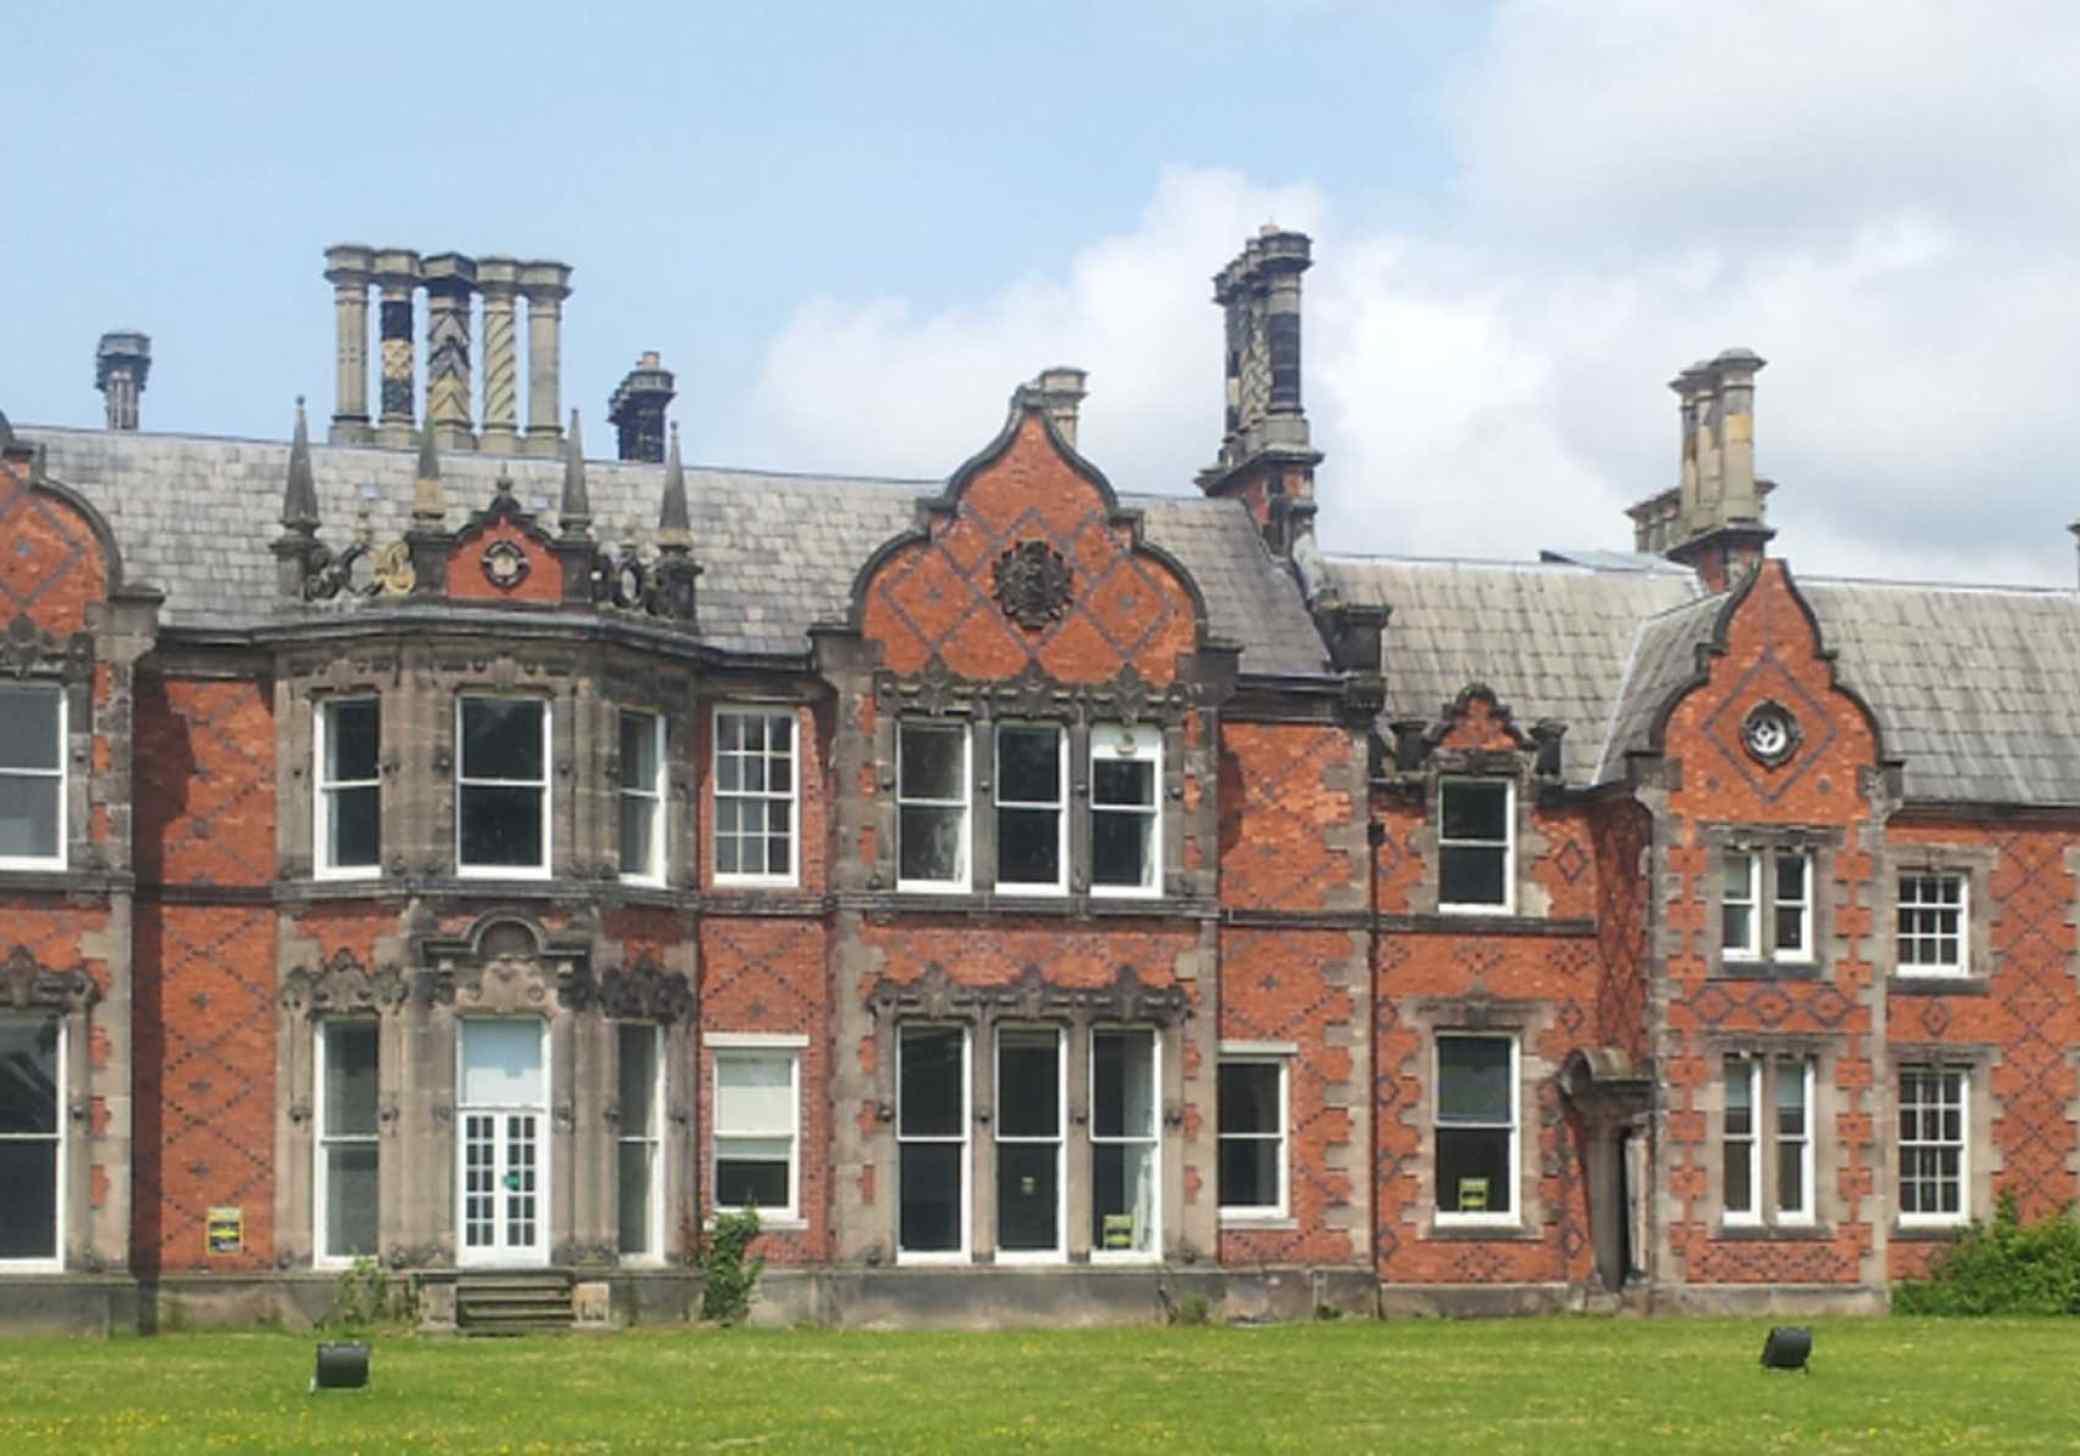 Backford Hall rear aspect